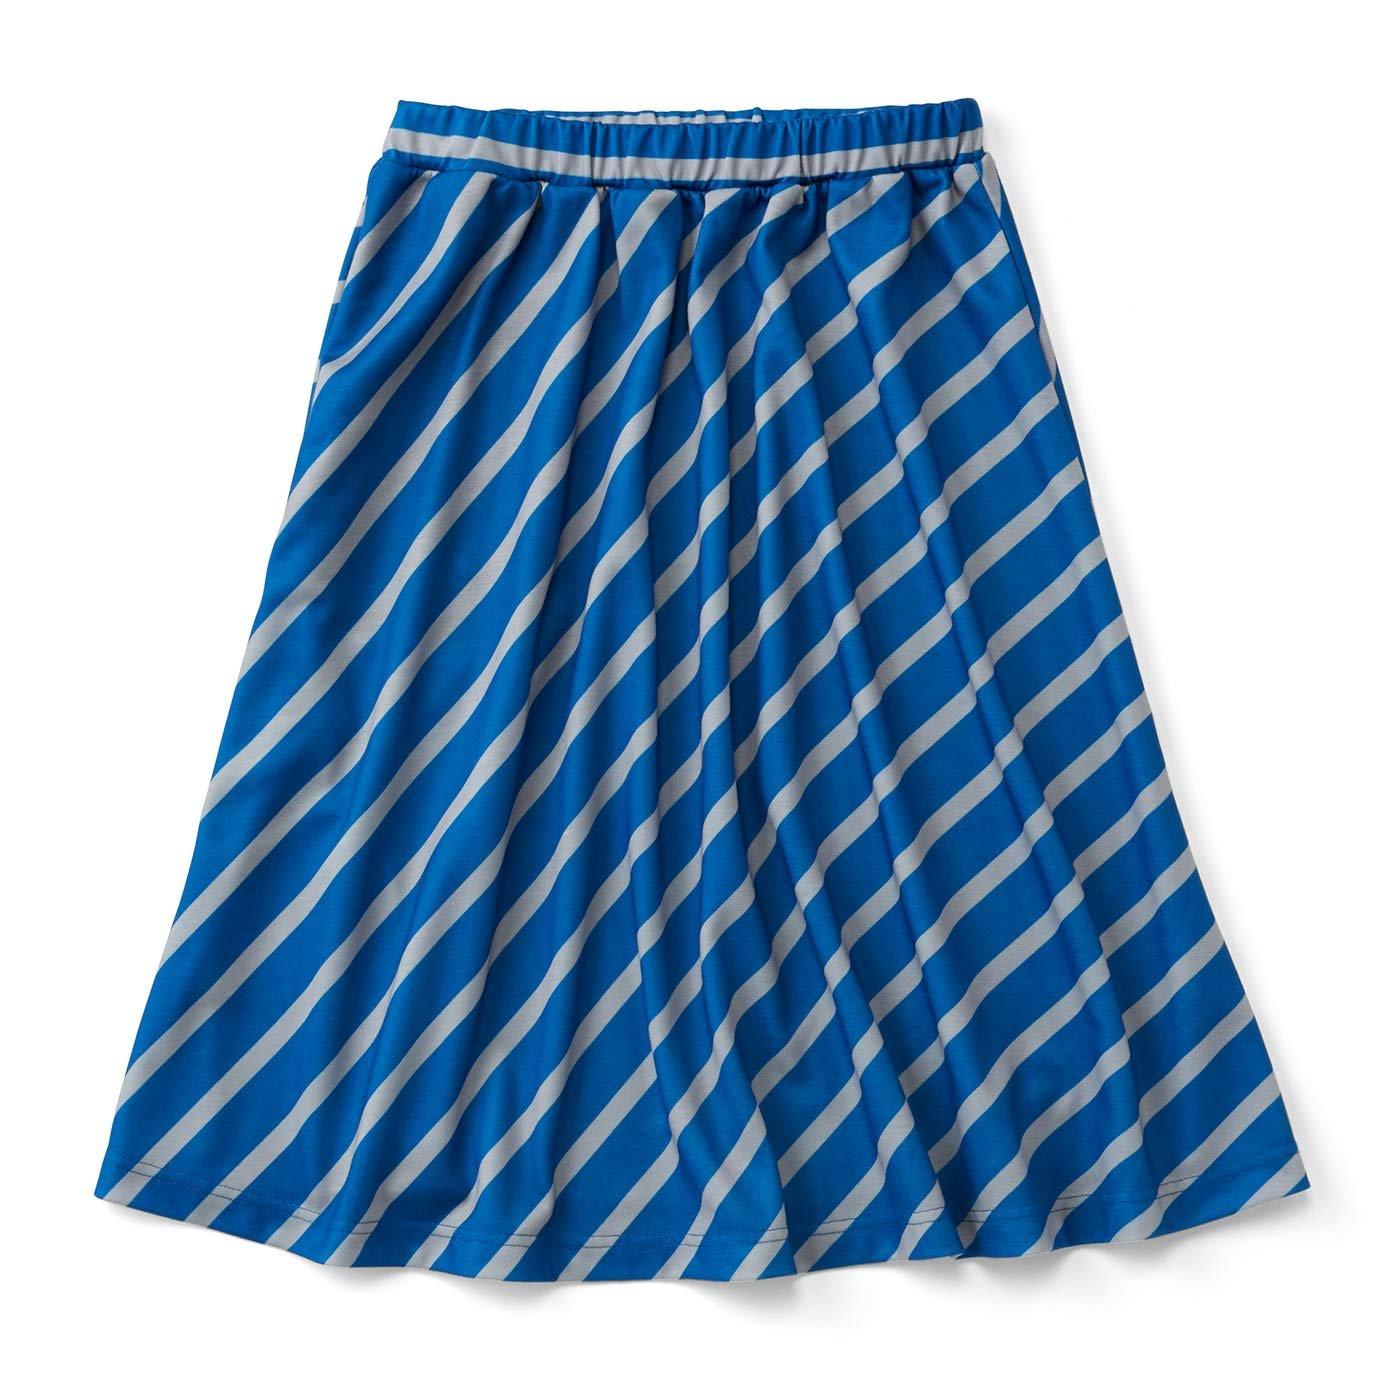 ななめストライプのやわらかスカート〈ブルー〉